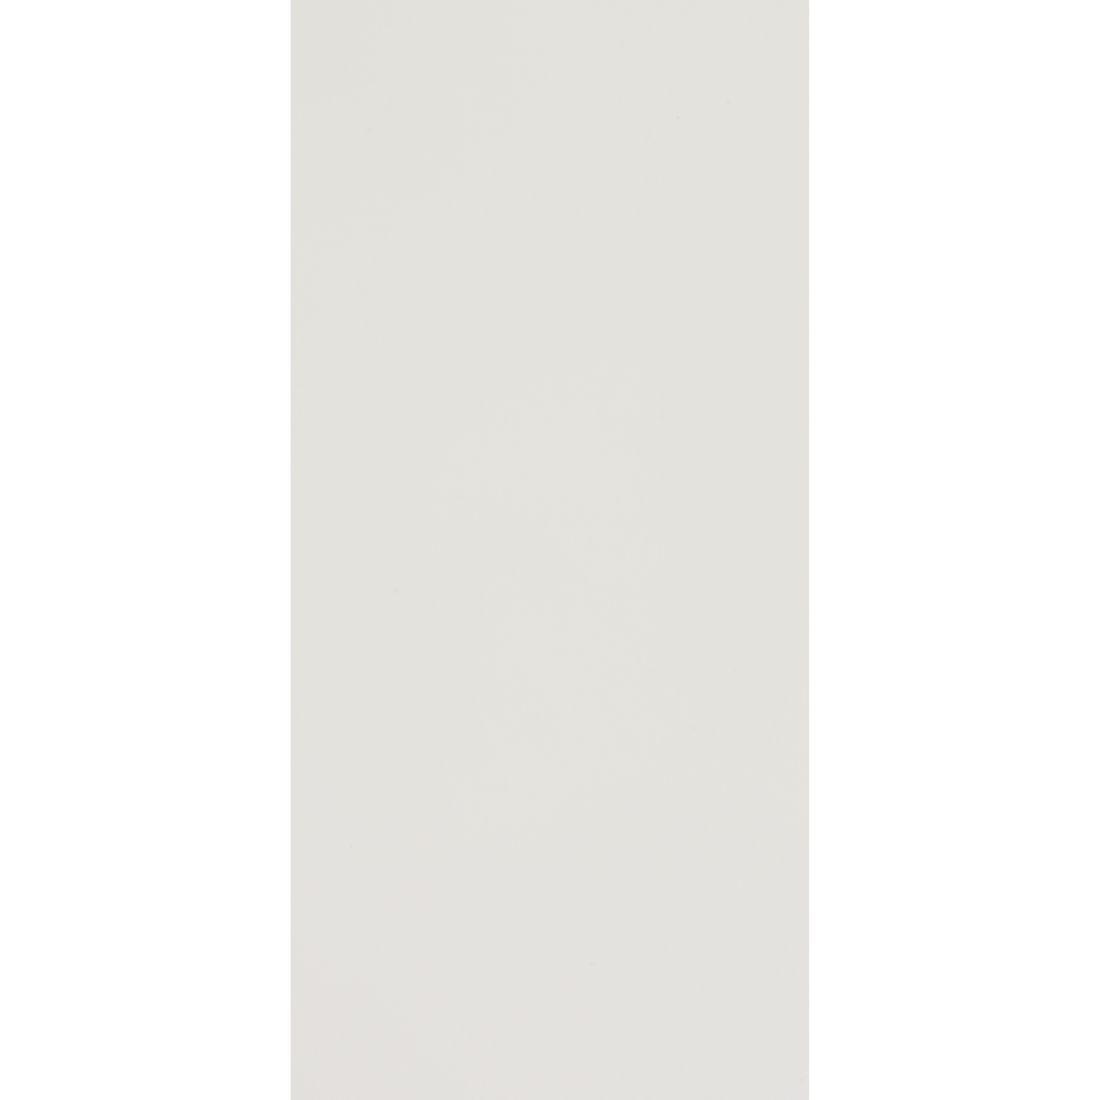 Classic Wall Lining Panel Seafoam Satin 2400 x 1200 x 4.5mm